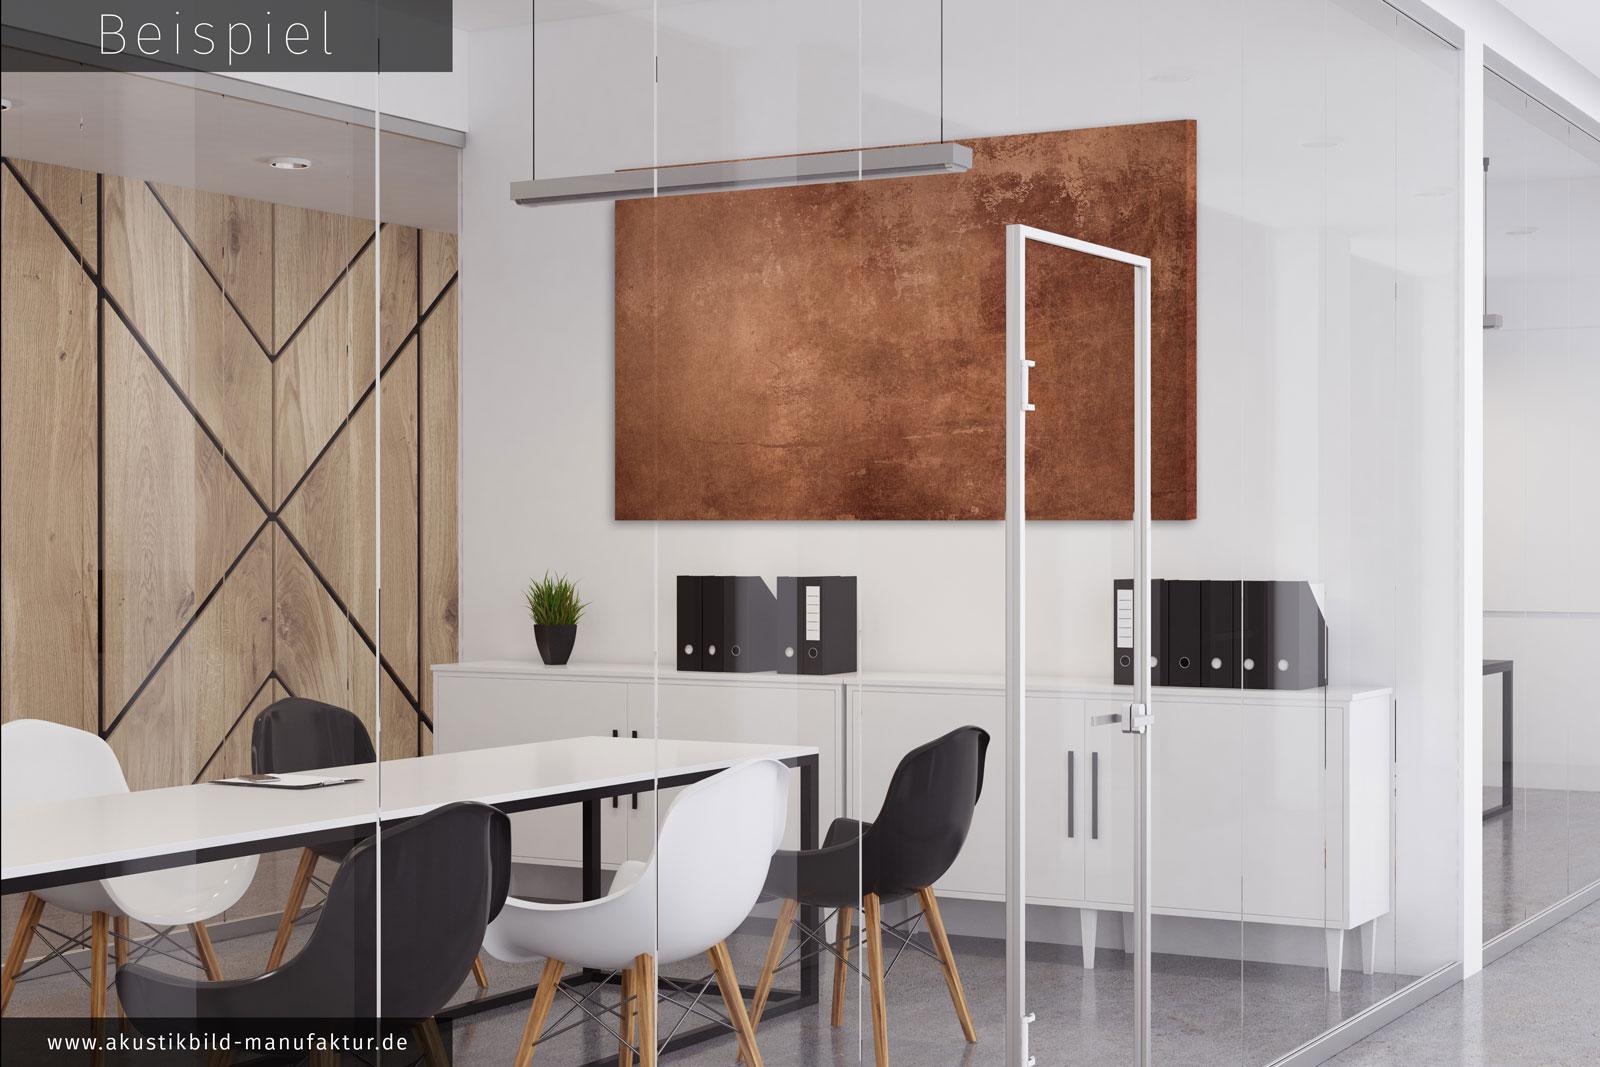 hochwertiges akustikbild kupfer metallic mit dezentem glanz intensiver farbe. Black Bedroom Furniture Sets. Home Design Ideas